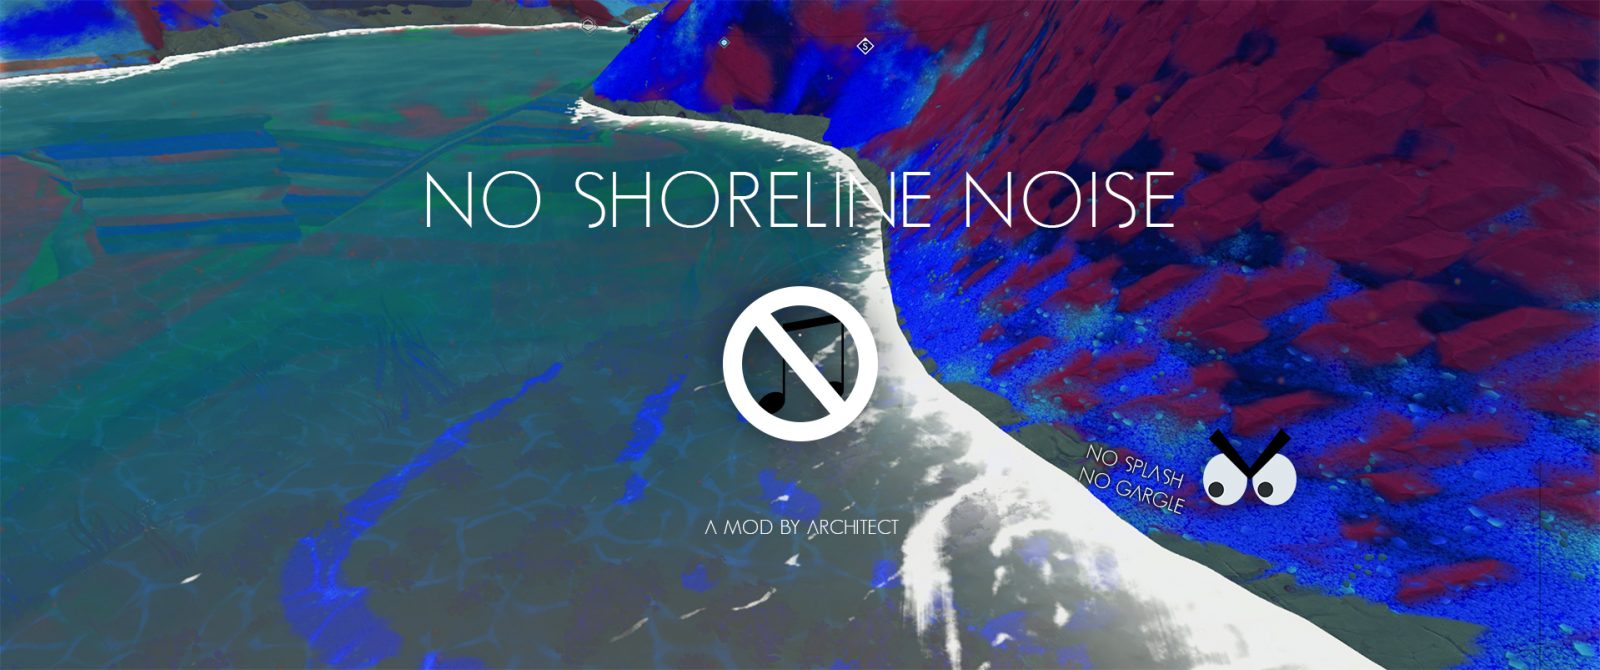 No Shoreline Noise